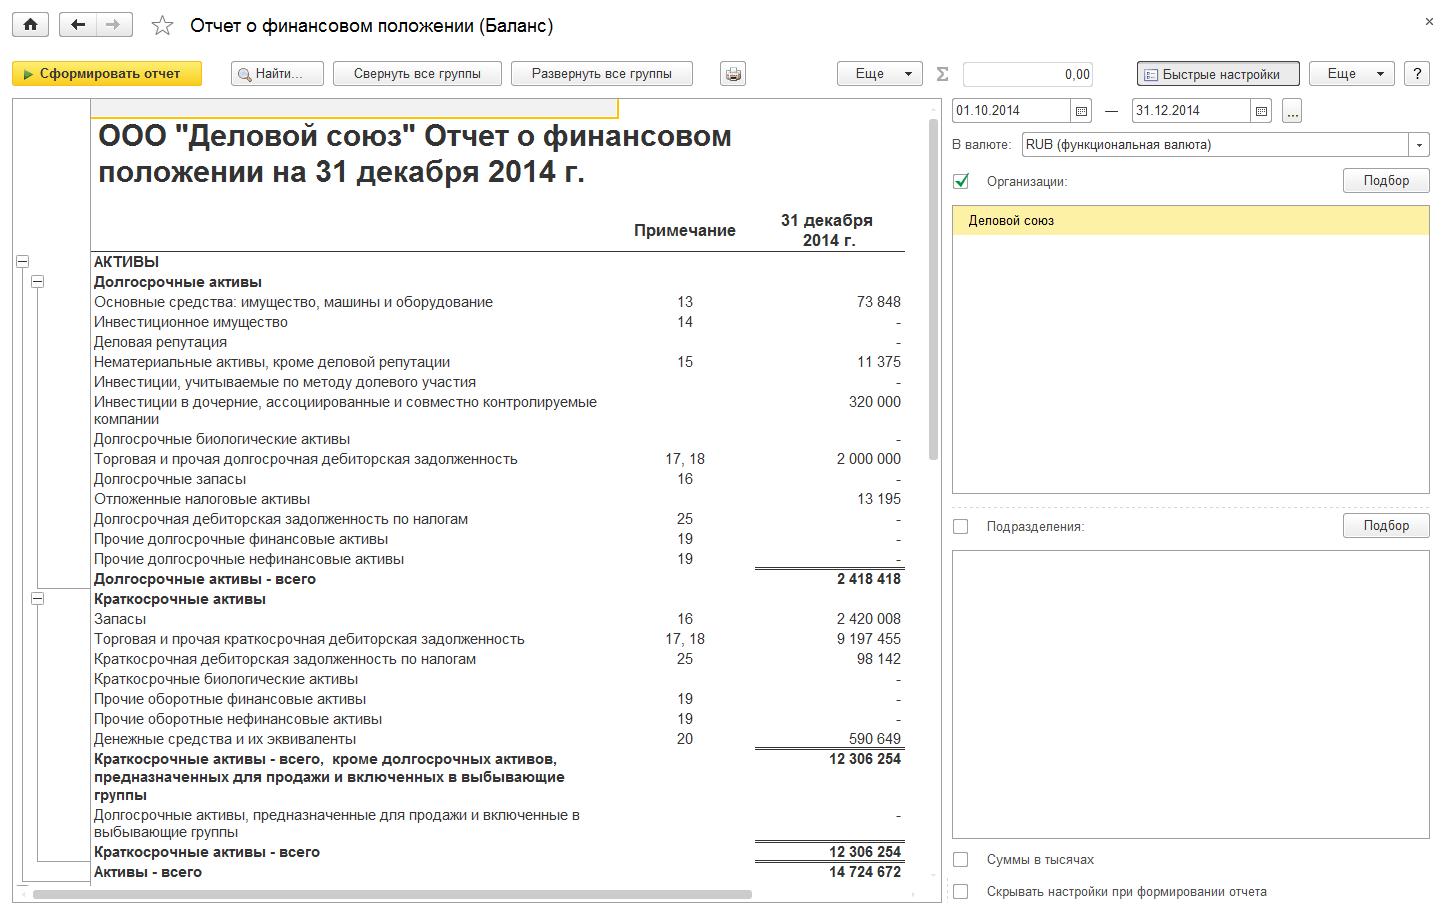 Международный финансовый учет, Отчет офинансовом положении